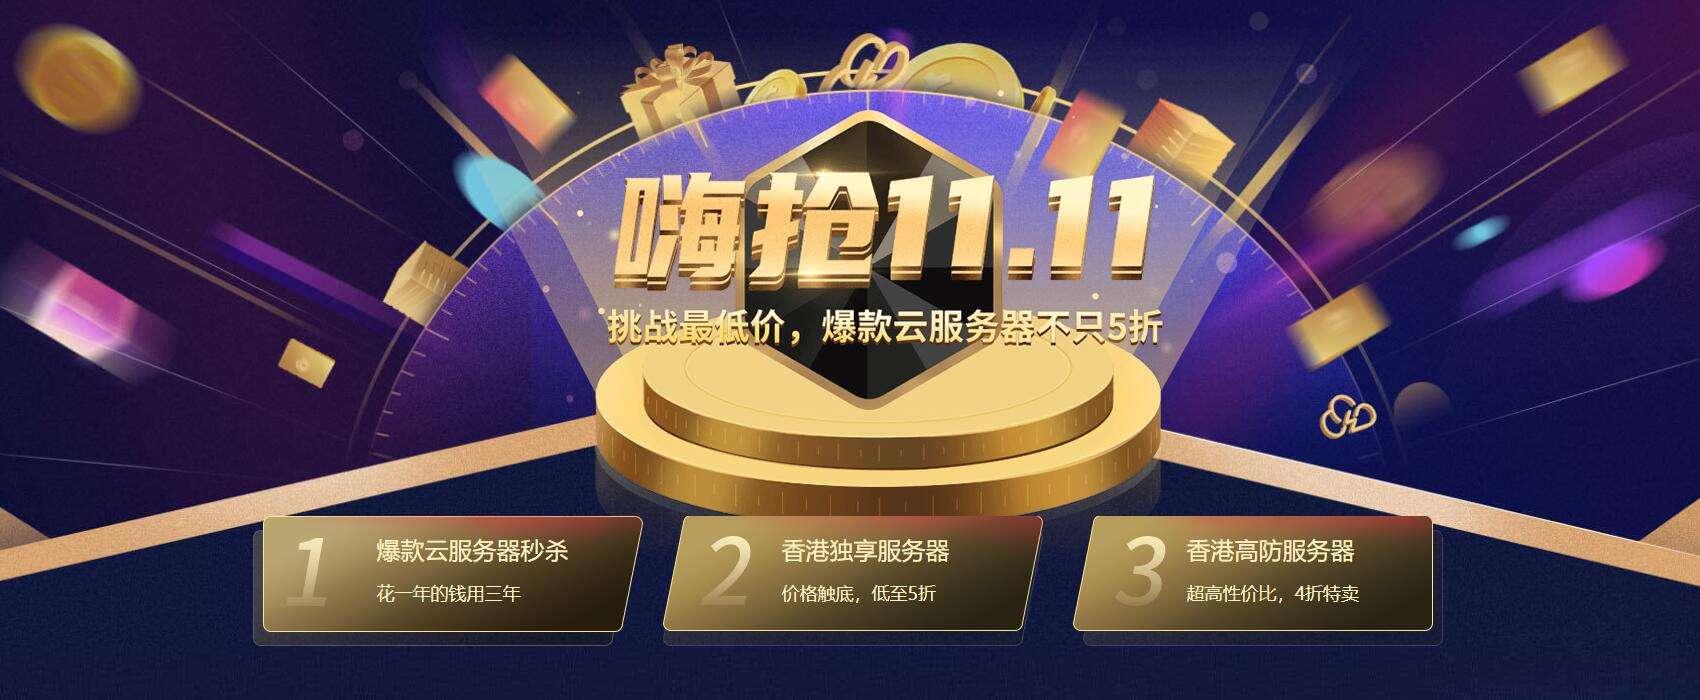 华纳云香港CN2服务器性能测评 华纳云双十一钜惠 香港/美国云服务器低至3.5折